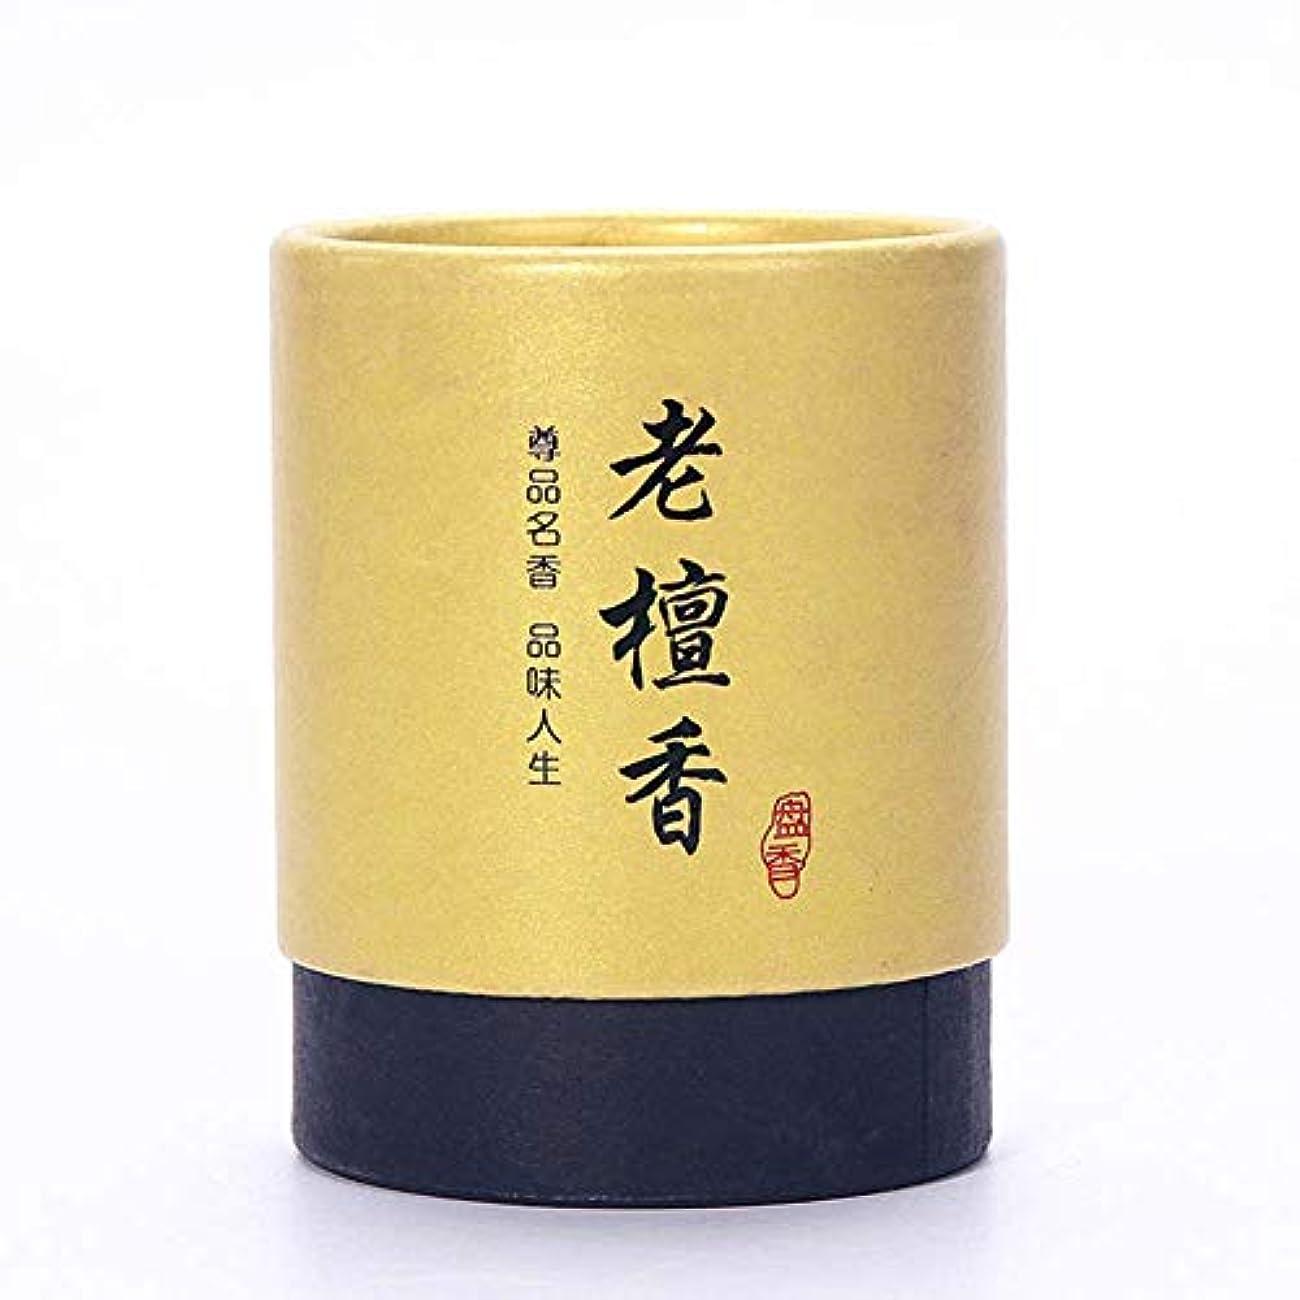 粗いフロントメニューHwaGui お香 ビャクダン 2時間 盤香 渦巻き線香 優しい香り 48巻入 (老い檀香)